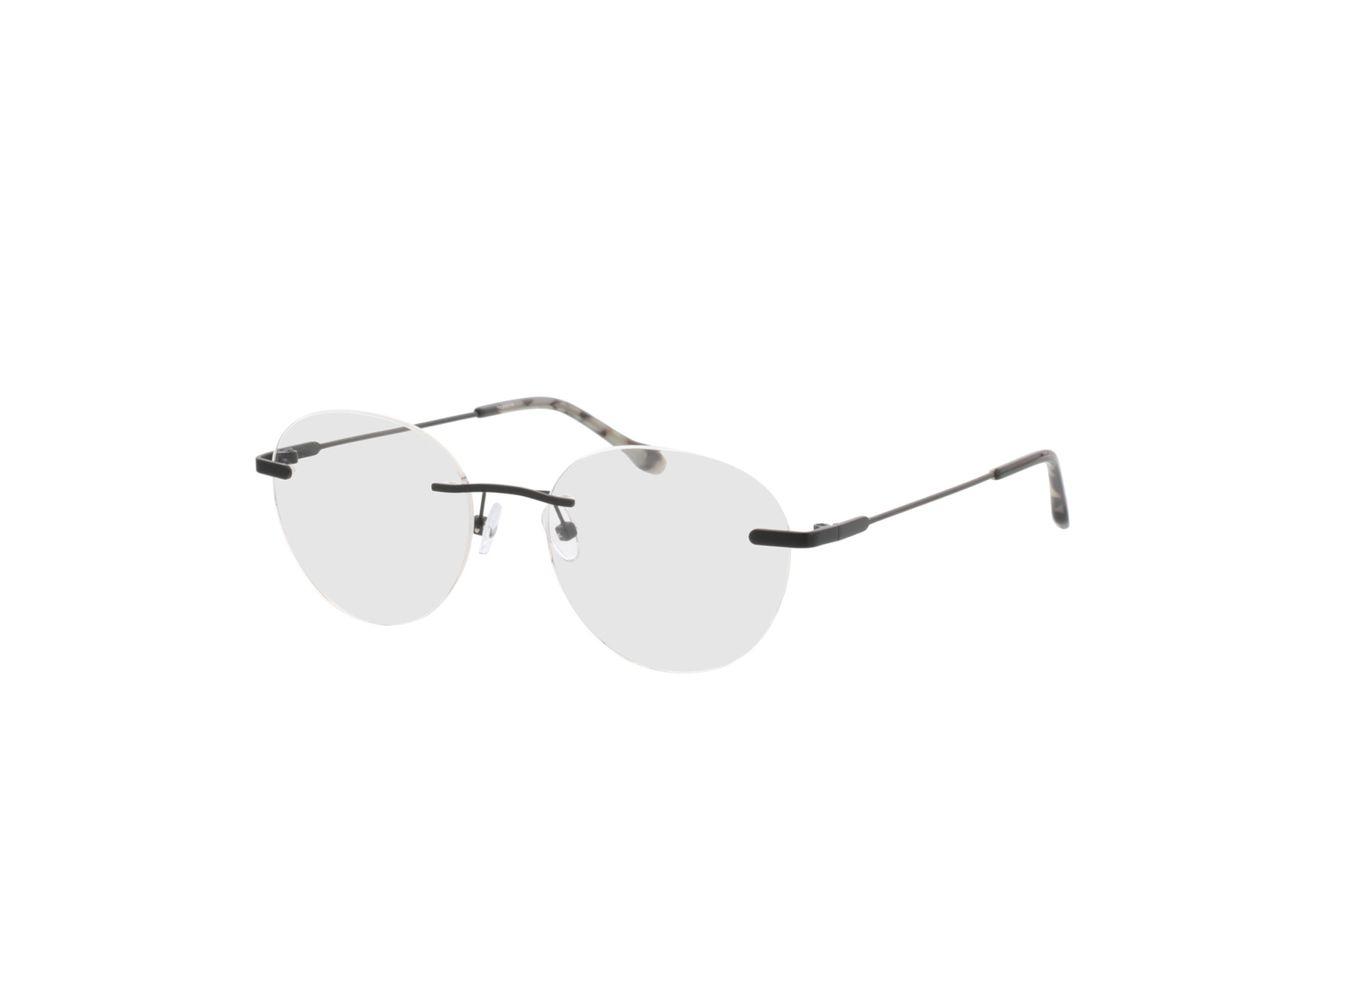 4250325292727-singlevision-0000 Vida-matt schwarz Gleitsichtbrille, Randlos, Rund OMNIO by Brille24